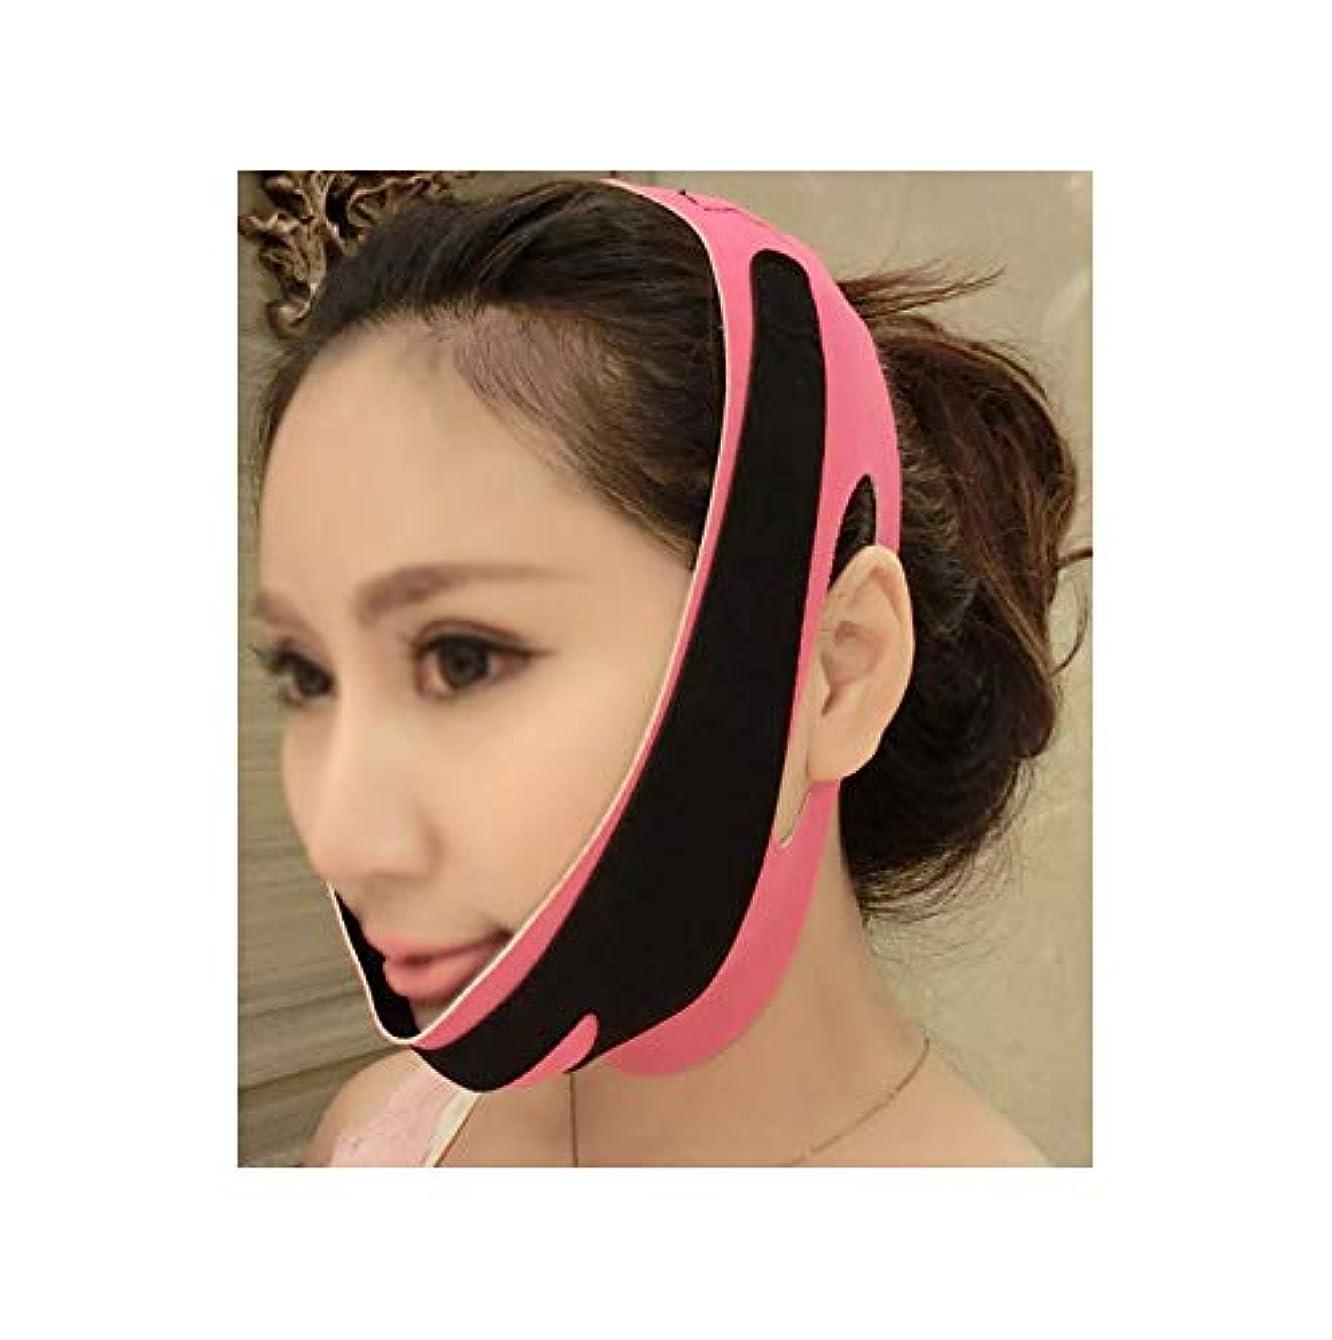 憂鬱な味わう憂慮すべきシンフェイスバンデージフェイススリマーダブルチンをなくすVラインフェイスシェイプを作成するチンチークリフトアップアンチリンクルリフティングベルトフェイスマッサージツールfor Women and Girls(3 Face Bandage)